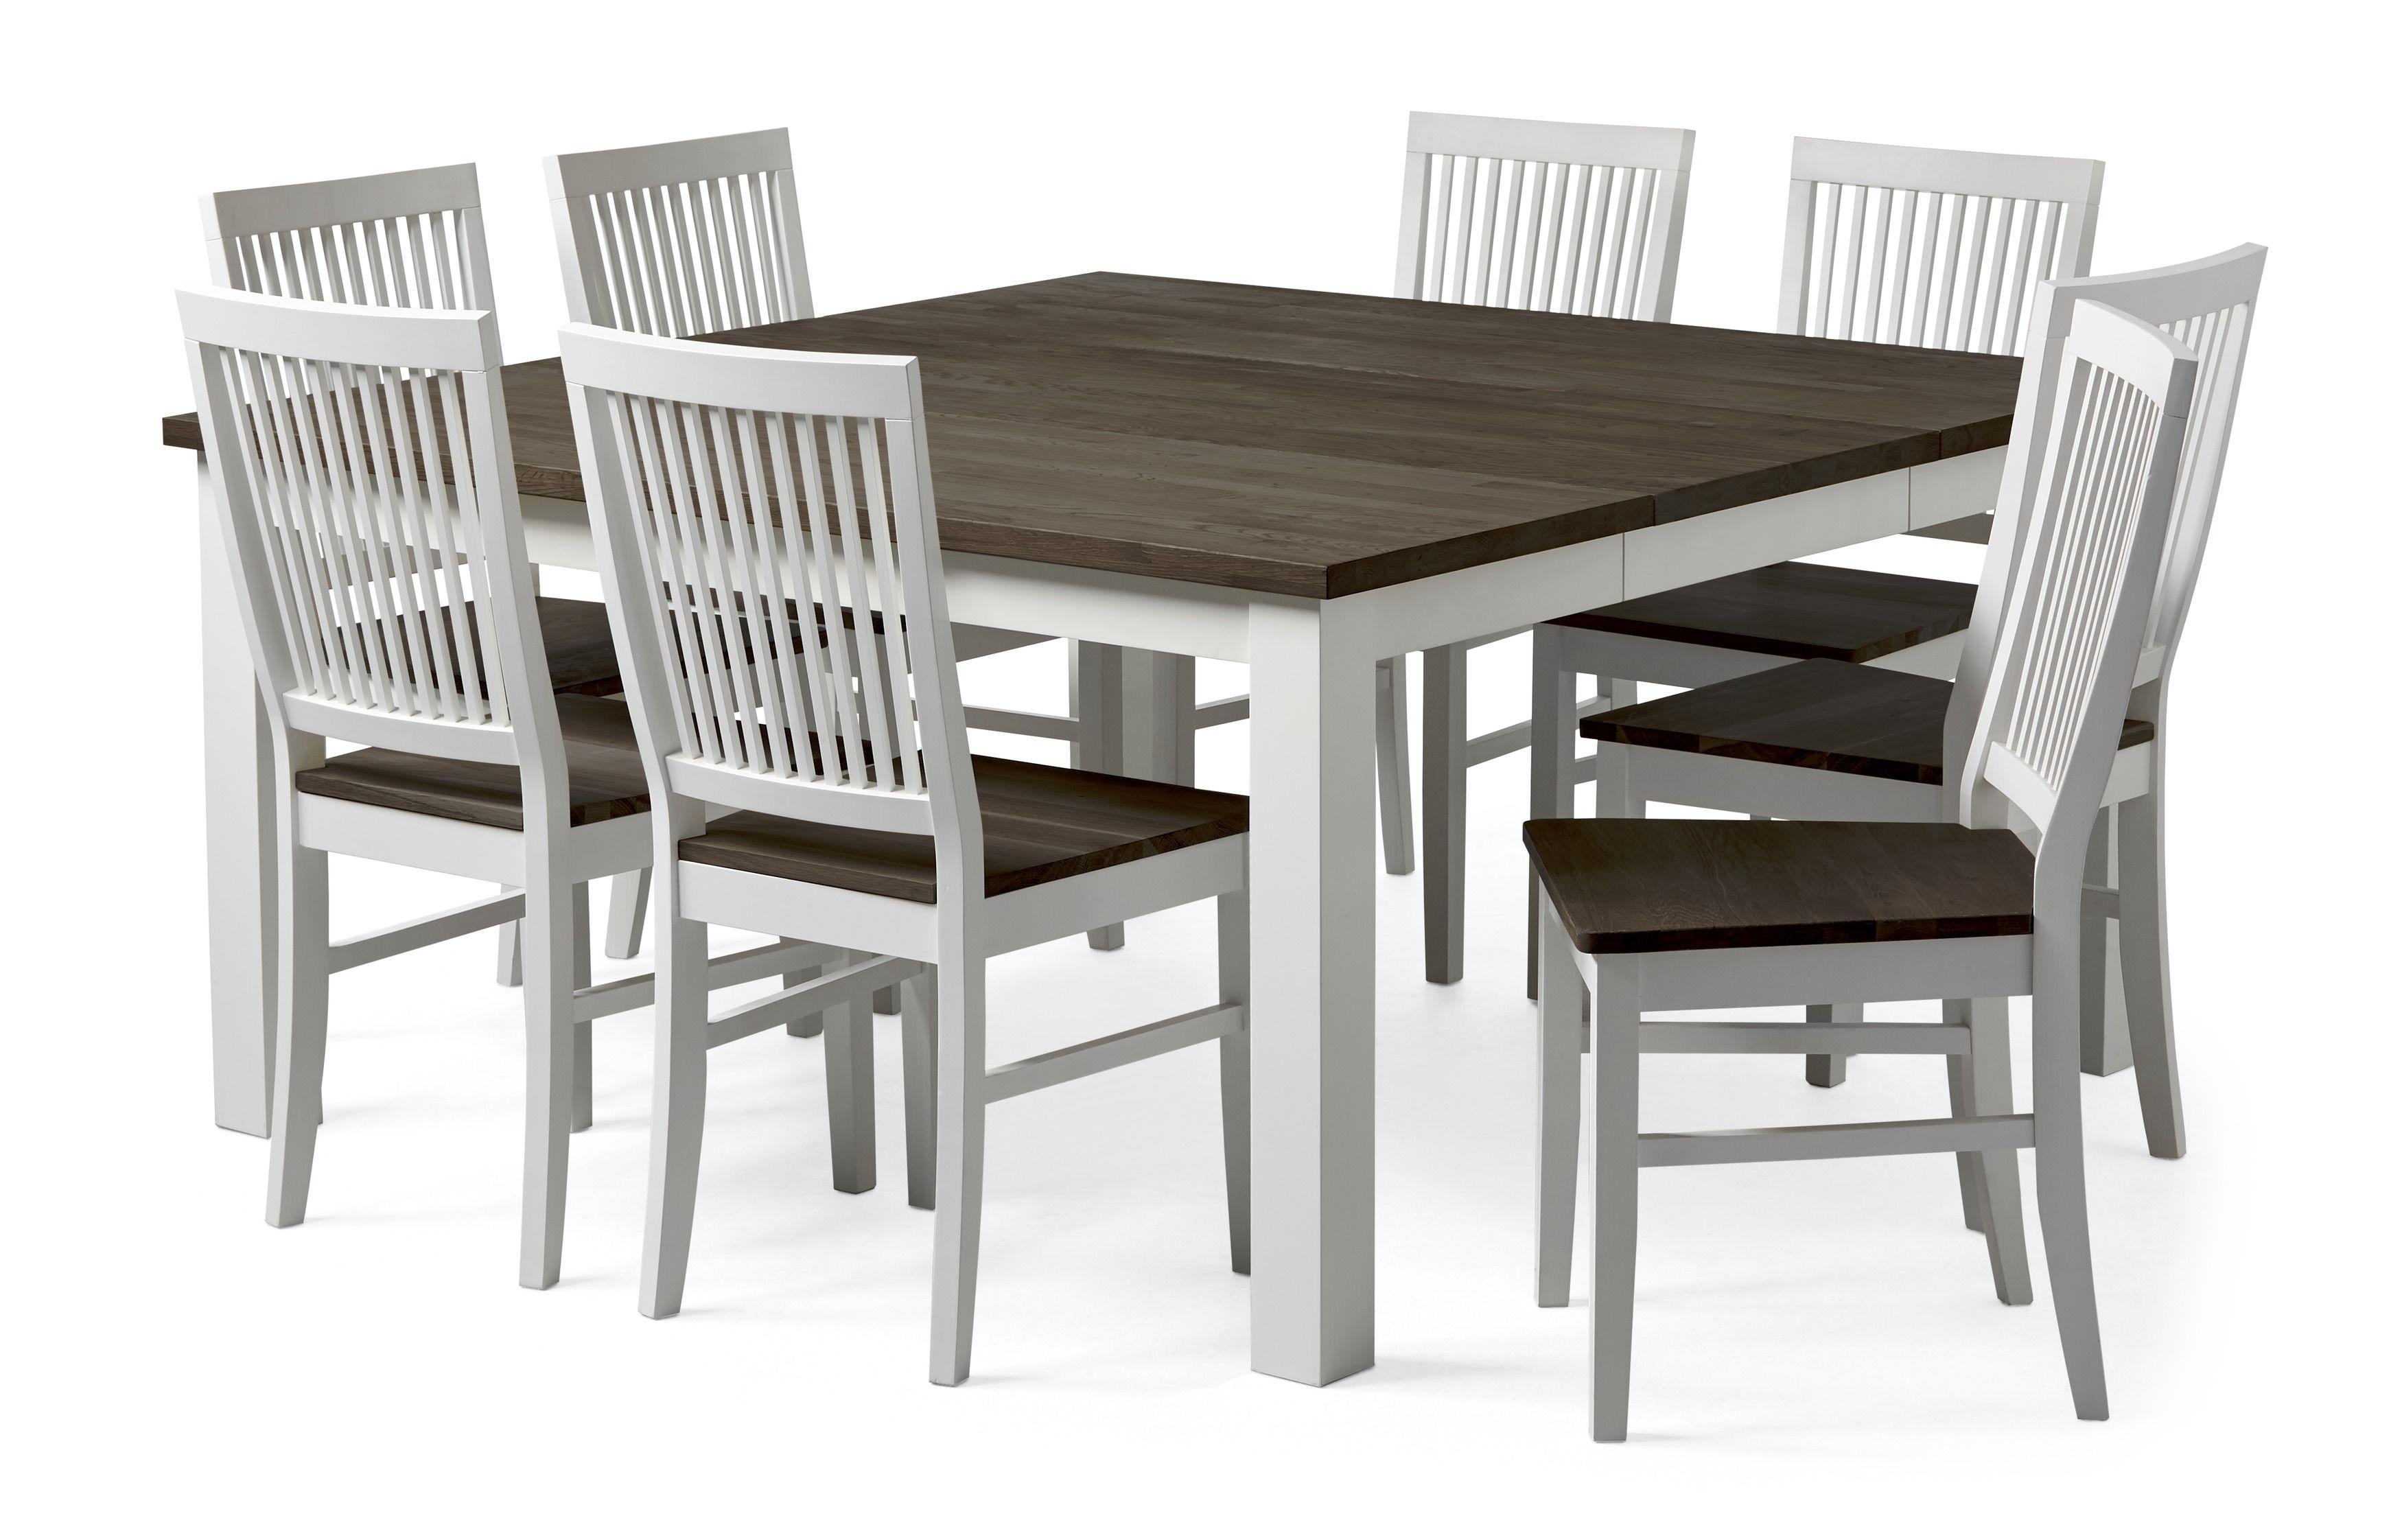 Toppen Dalarö matbord med 8 stolar Läckö från Mio. | Nyheter Våren 2017 QU-39